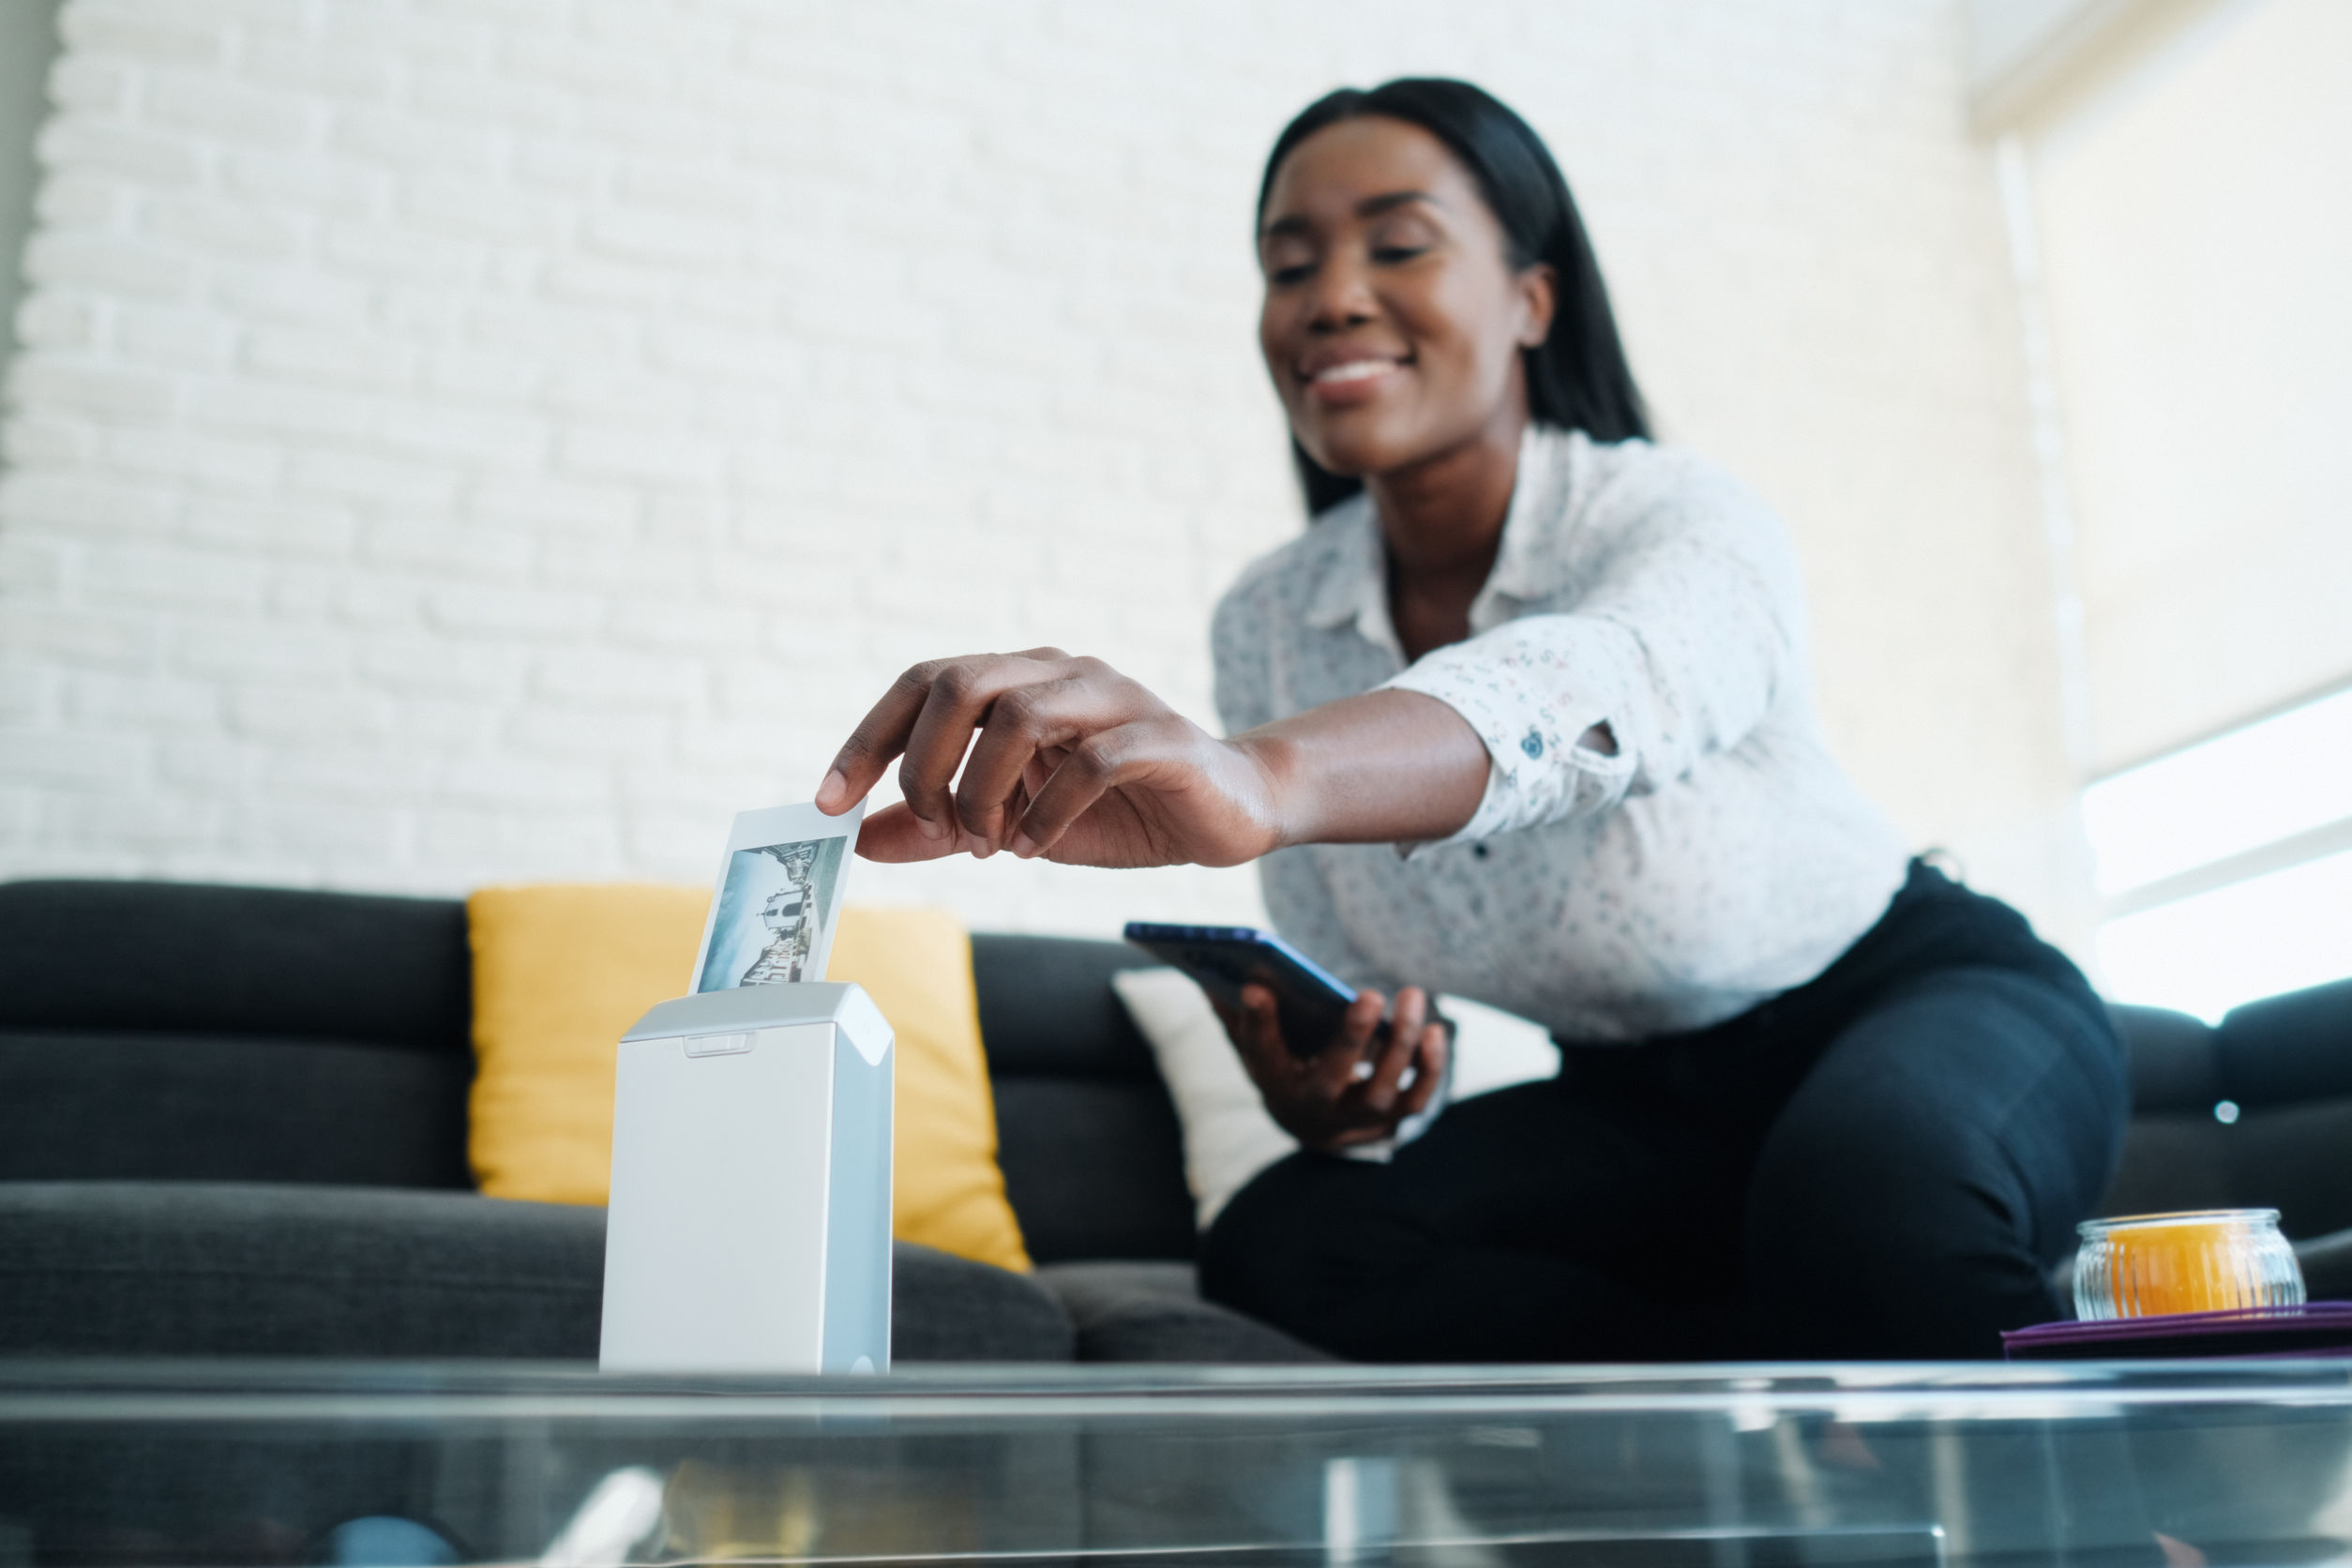 Imagem mostra uma mulher imprimindo uma foto com uma impressora portátil.